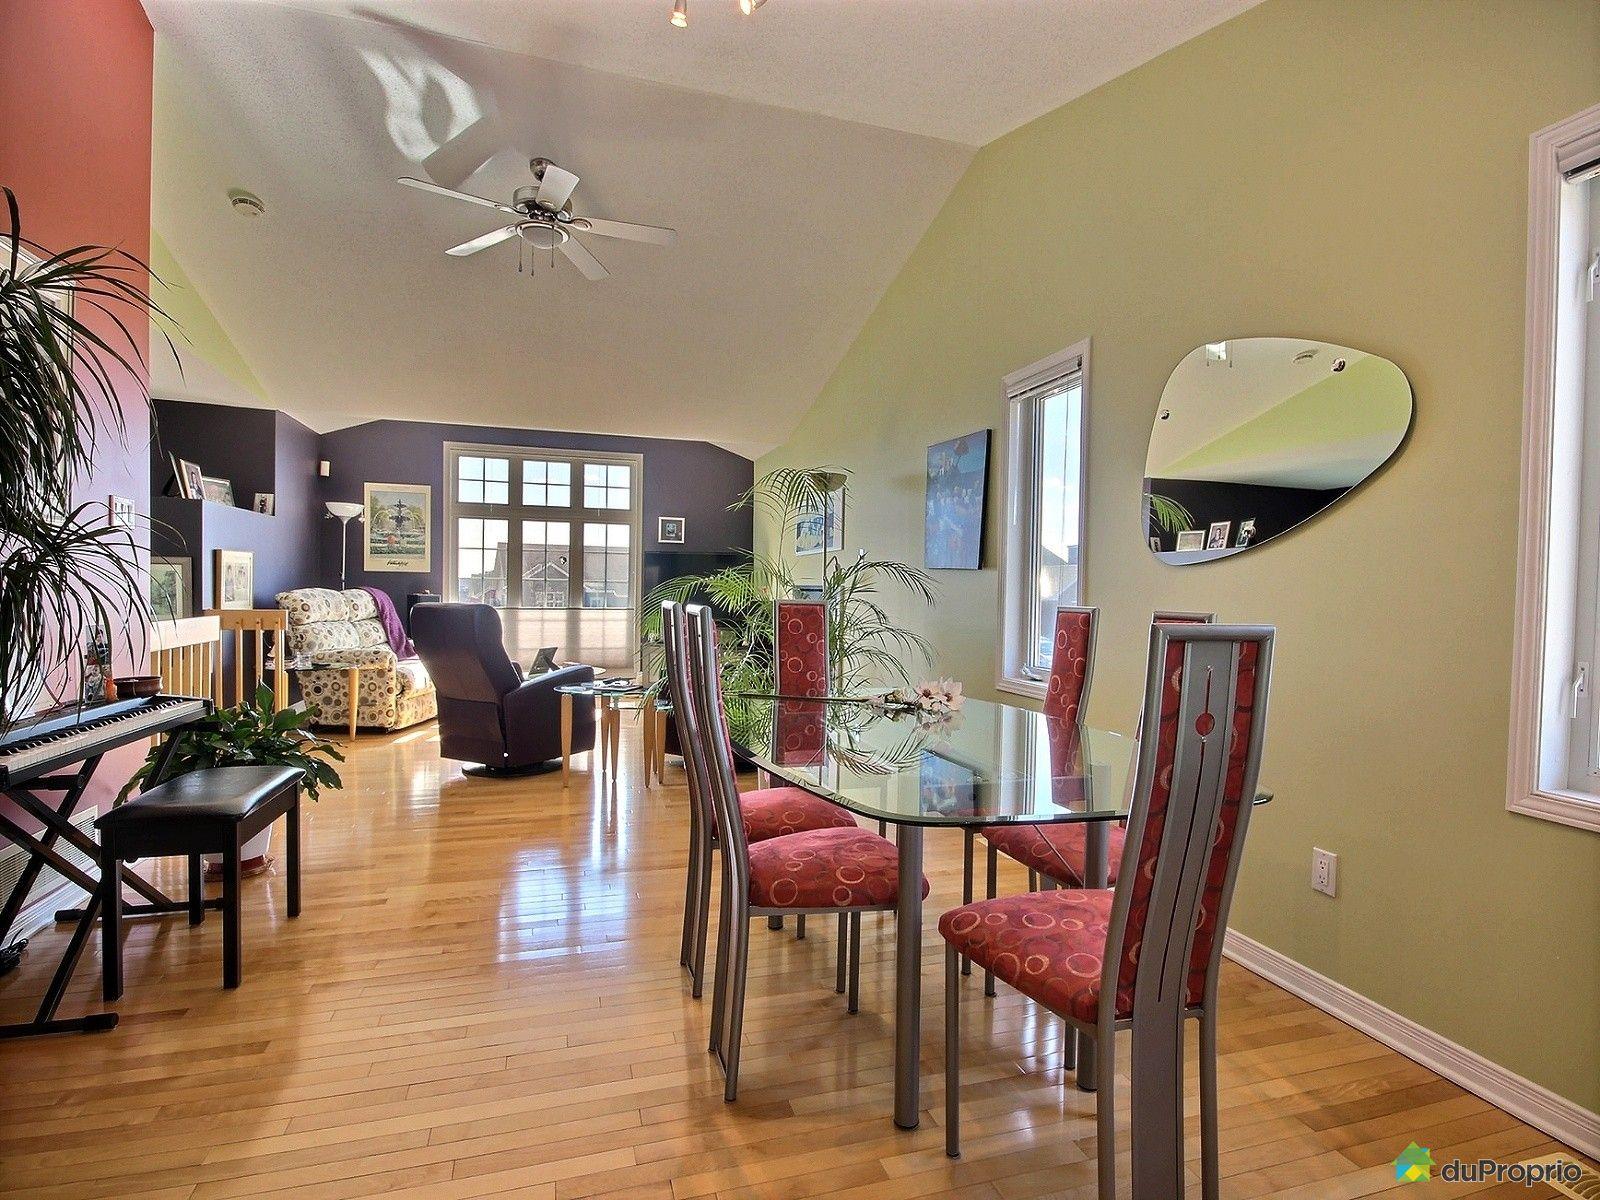 Maison vendre gatineau 47 rue du sahara immobilier for Salle a manger ottawa